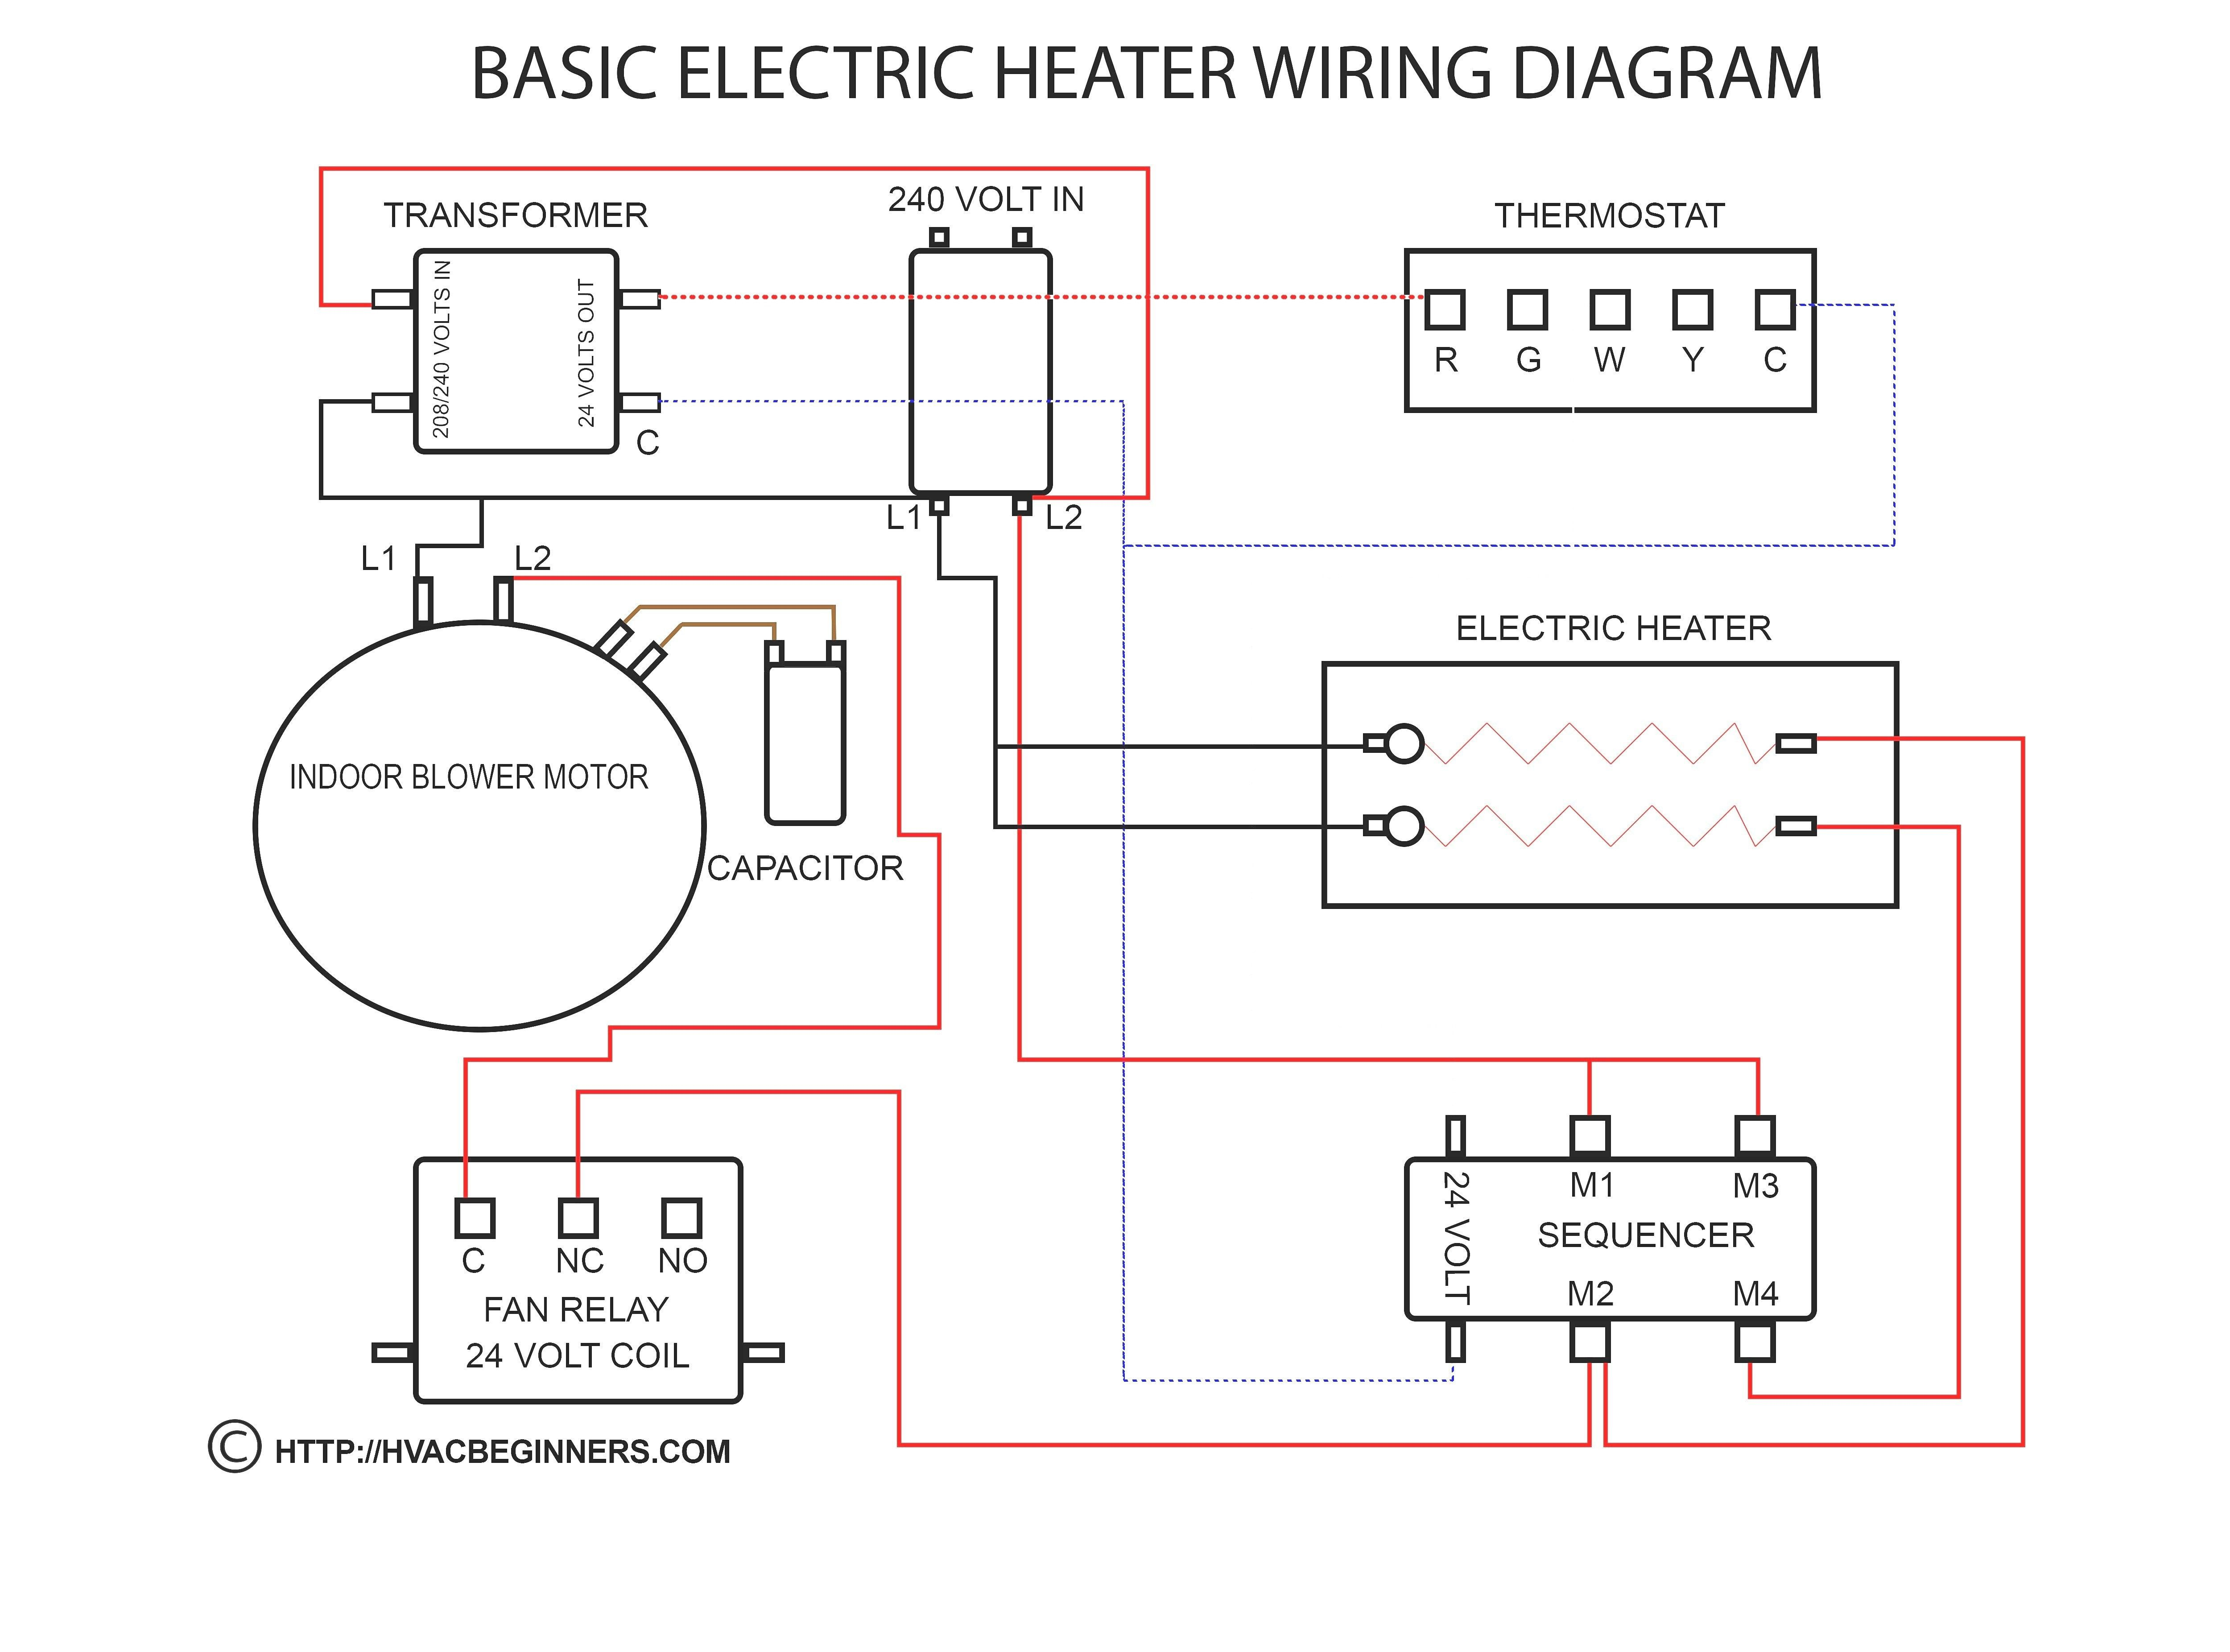 Unique Circuit Wiring Diagram Wiringdiagram Diagramming Diagramm Visuals Visualisatio Basic Electrical Wiring Thermostat Wiring Electrical Wiring Diagram